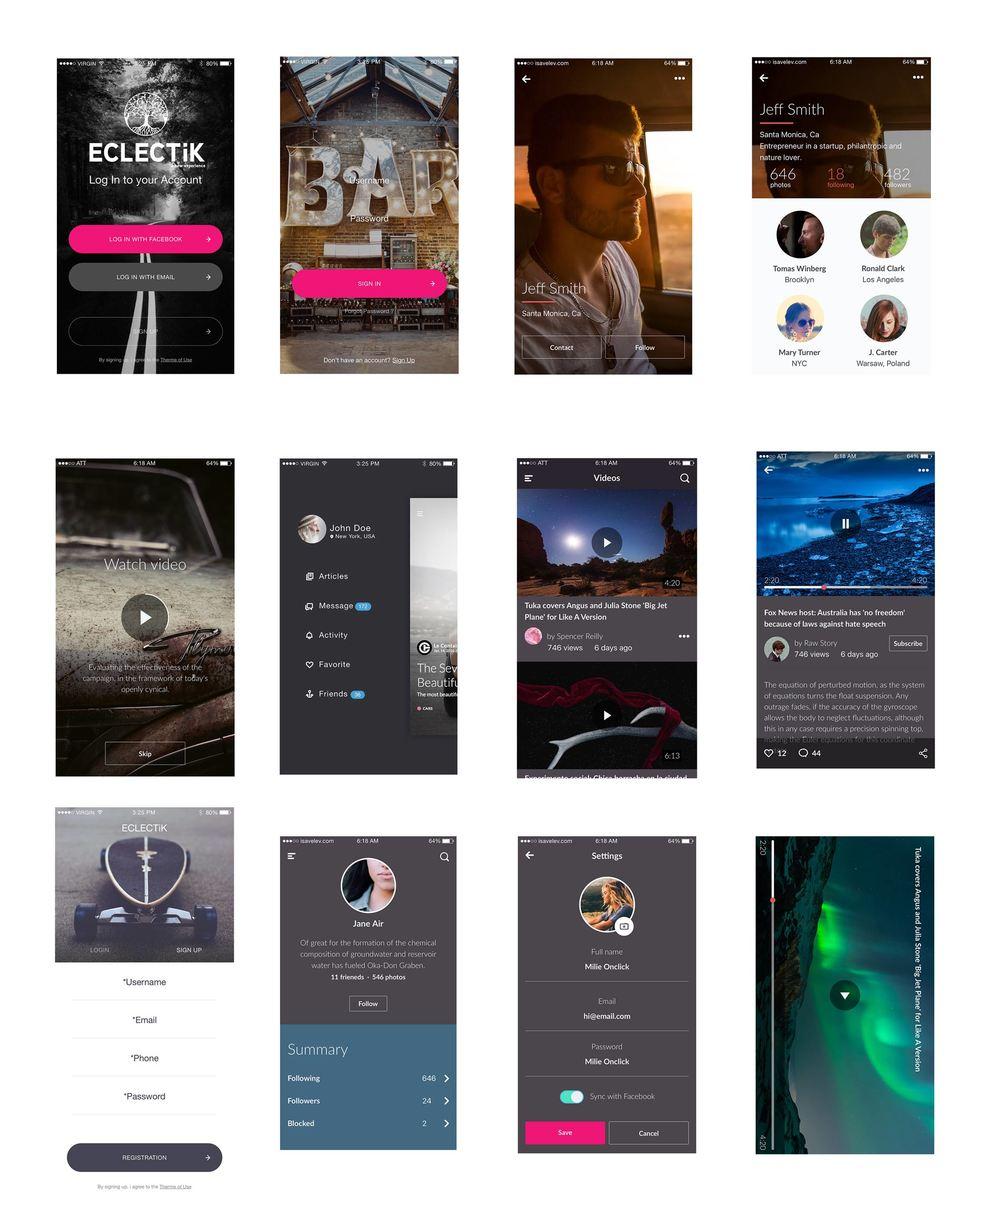 ELECTiK-design.jpg